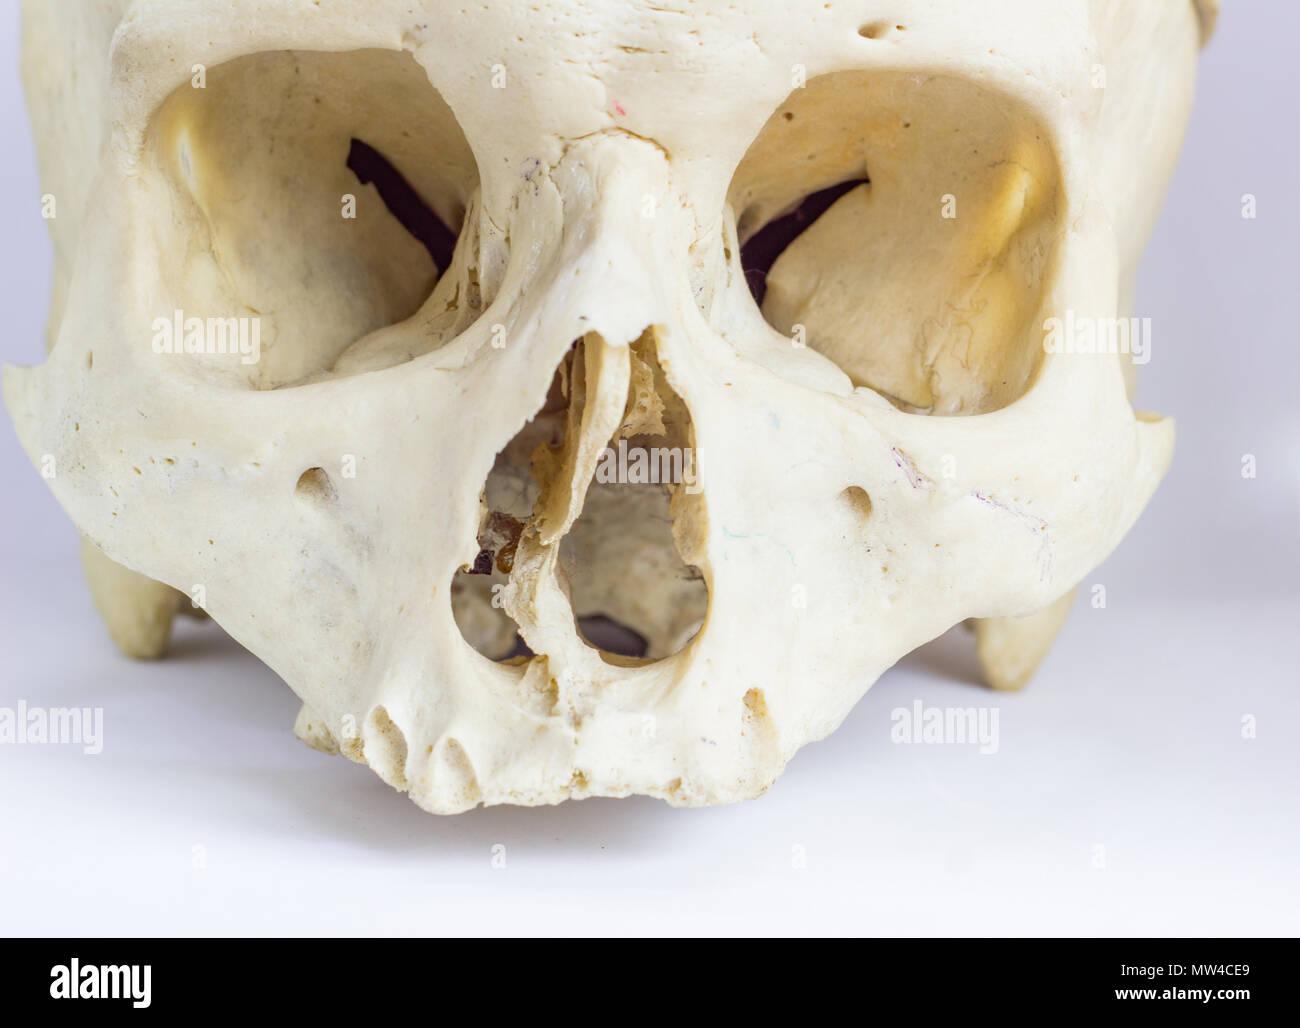 Nasal Septum Stockfotos & Nasal Septum Bilder - Alamy